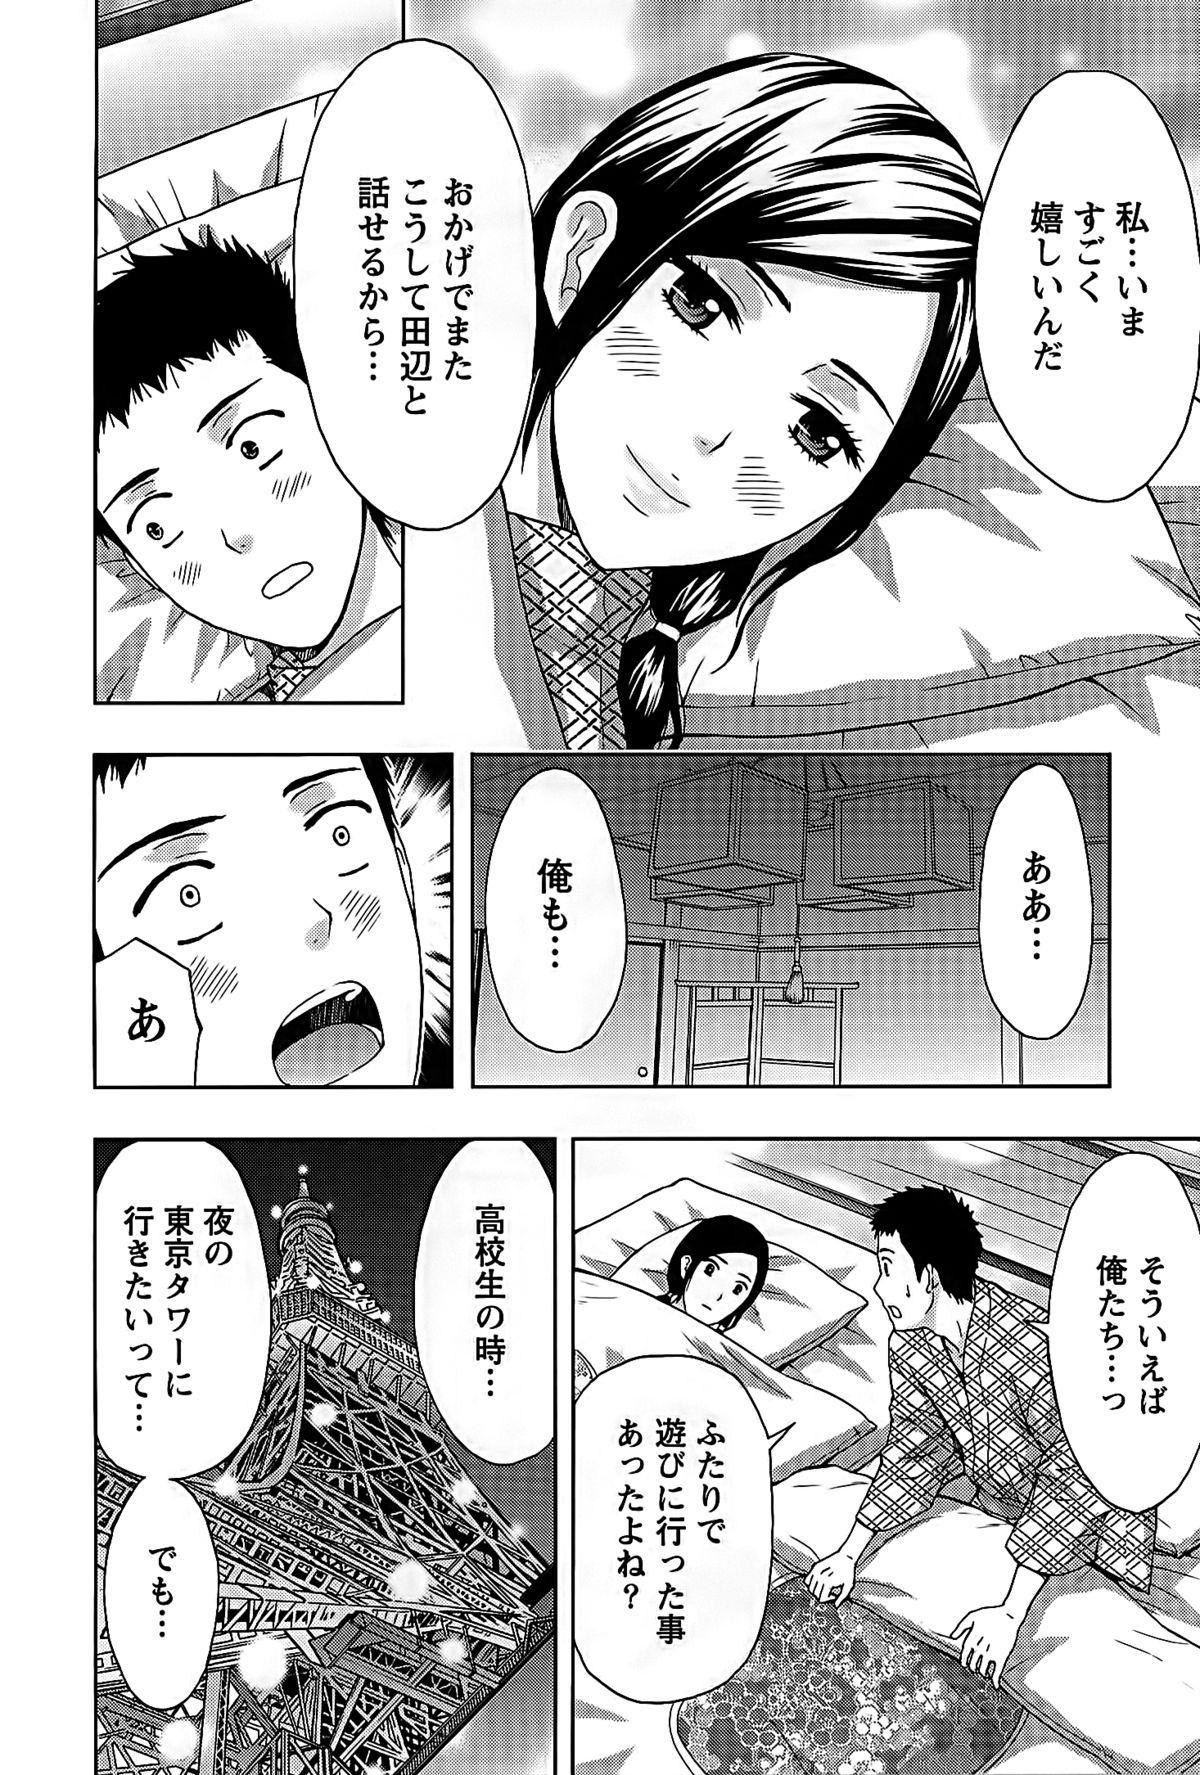 Shittori Lady to Amai Mitsu 158